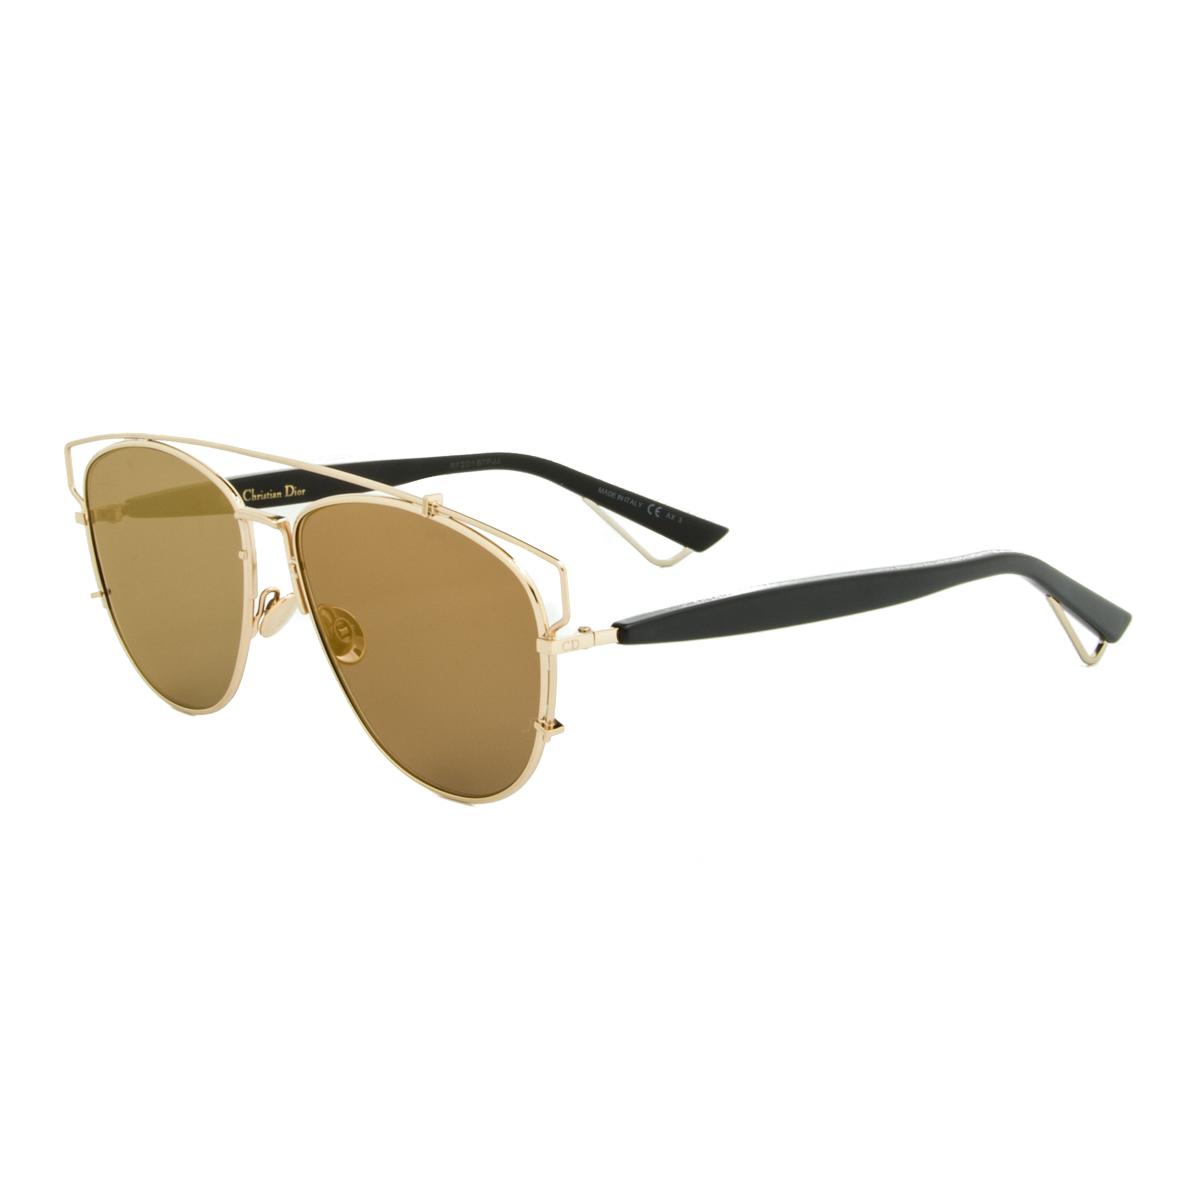 Gold Frame Black Lenses Sunglasses : Dior Sunglasses Dior Technologic RHL83 Gold Black Frame ...